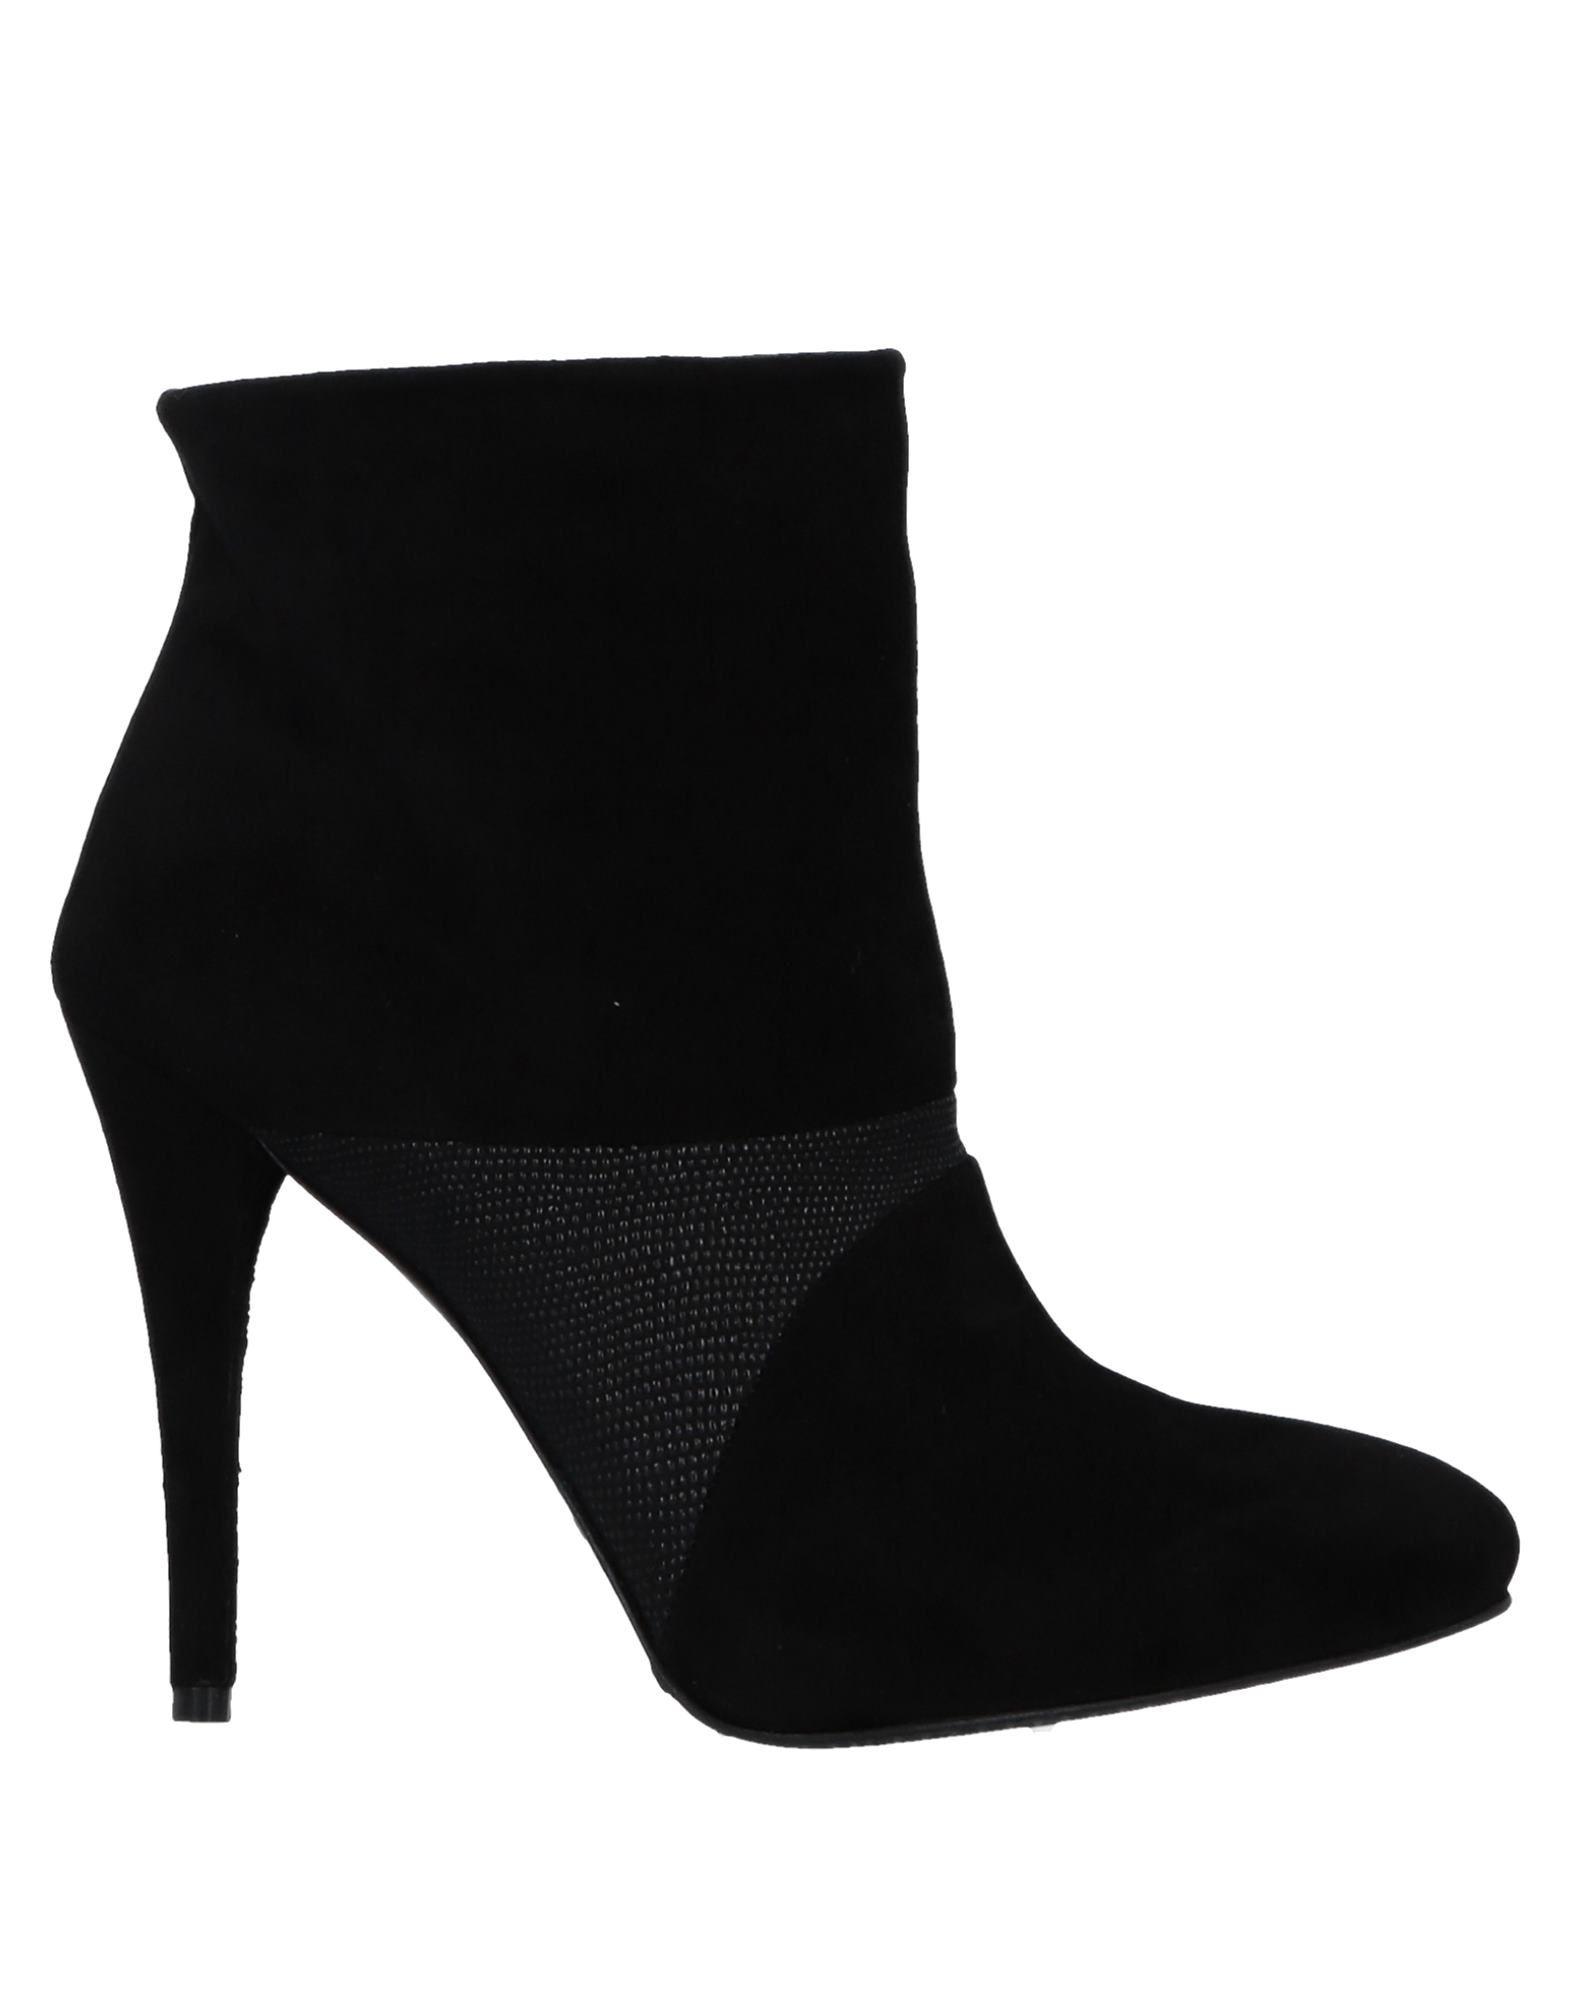 Stuart Weitzman Stiefelette aussehende Damen  11515911OAGünstige gut aussehende Stiefelette Schuhe e5e97e